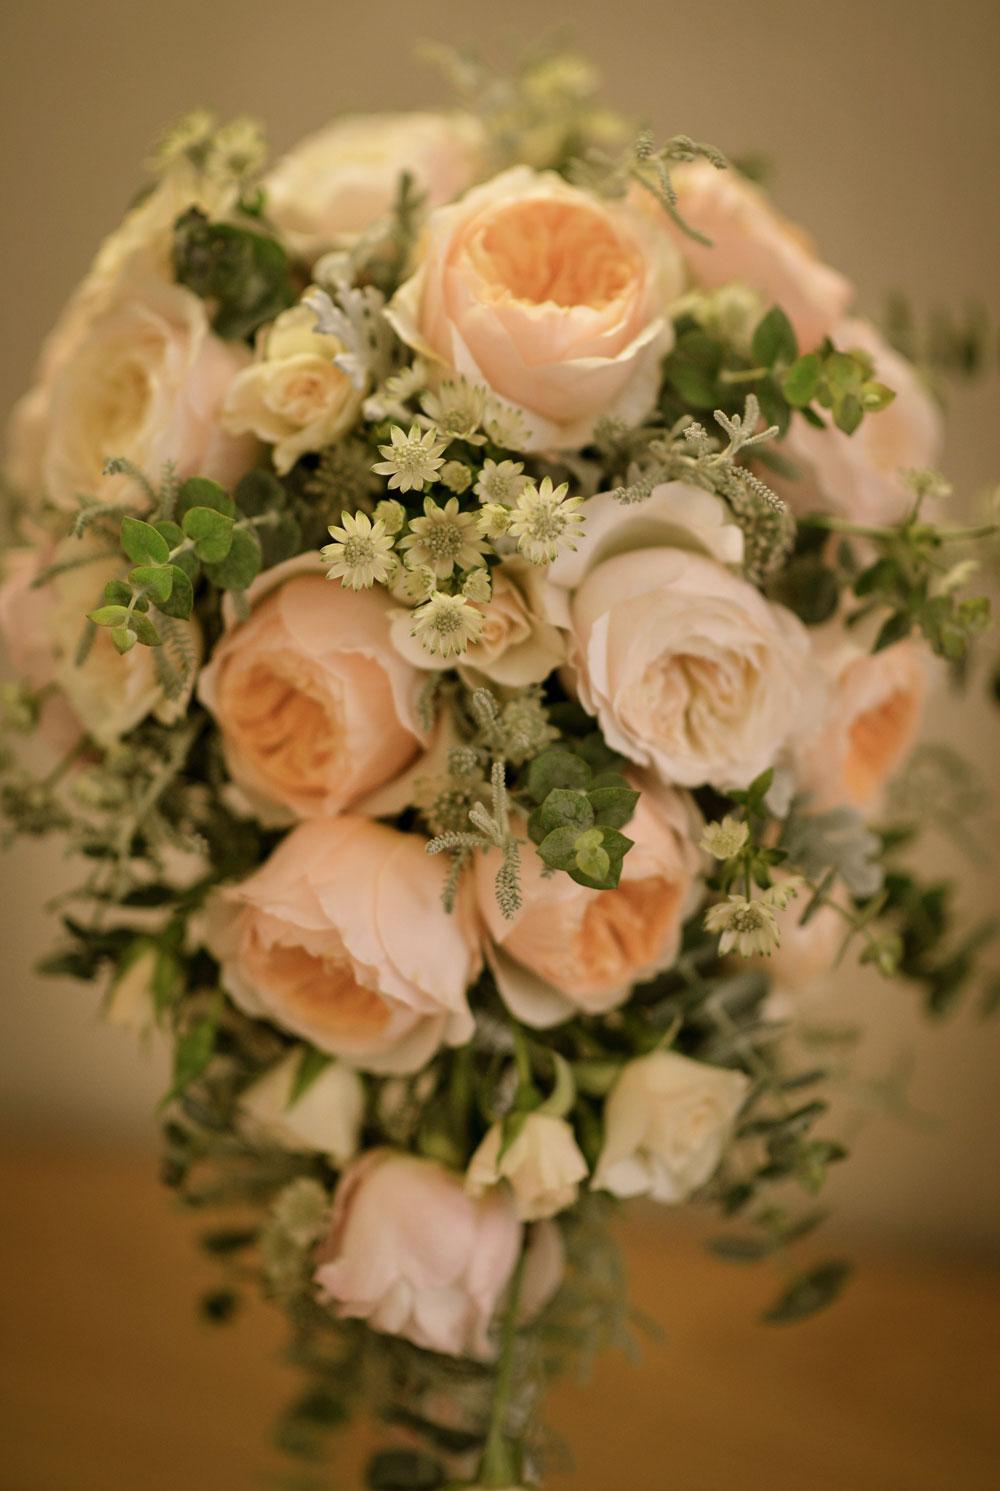 Cherie-bouquet.jpg